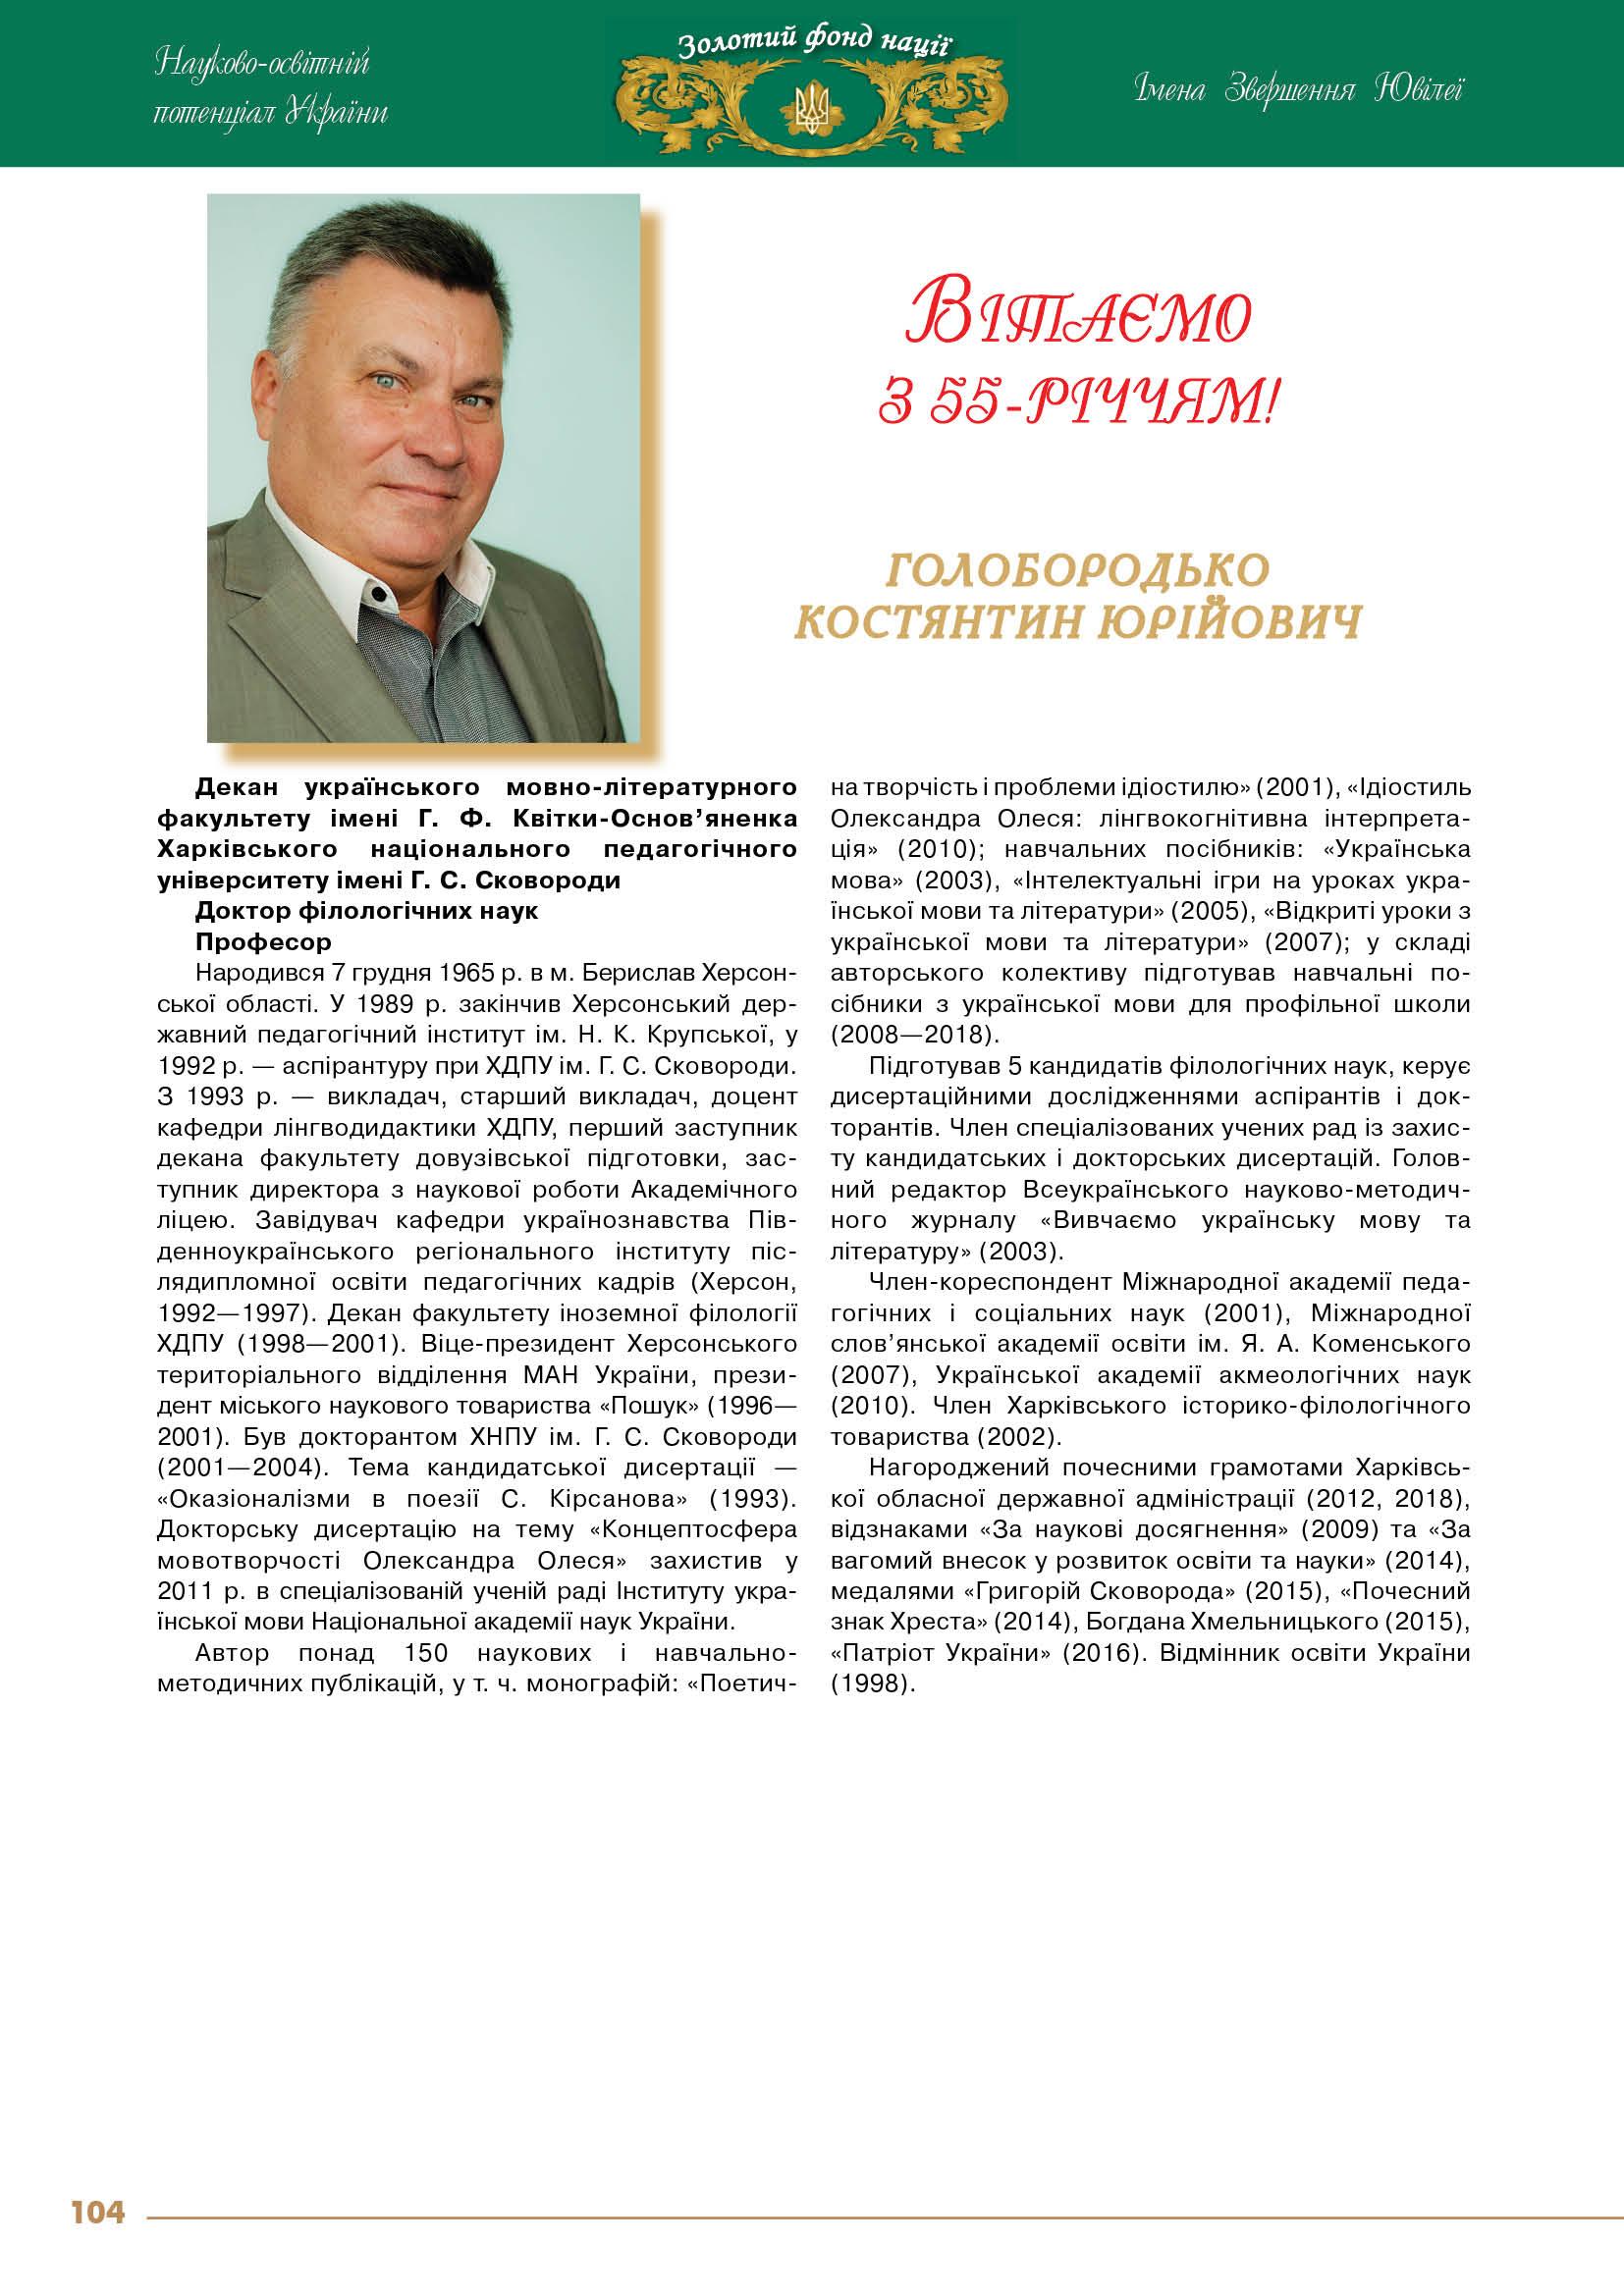 Голобородько Костянтин Юрійович